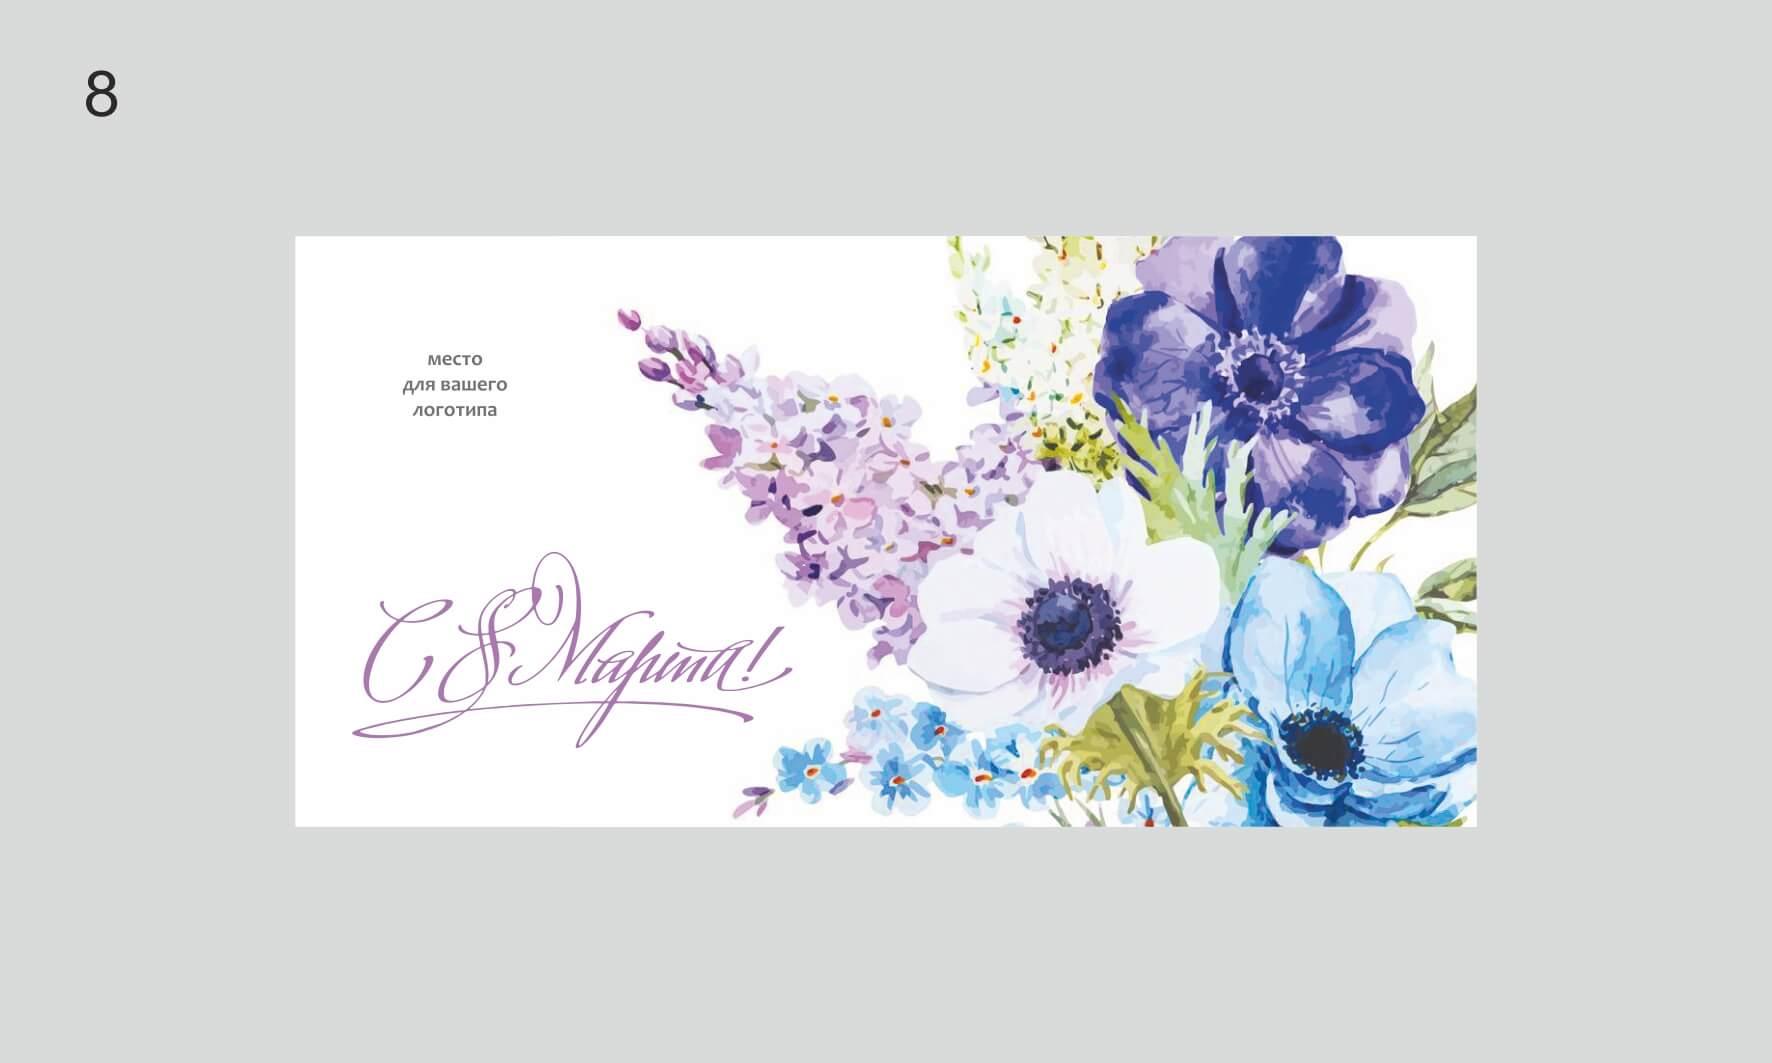 открытка на 8 марта, вариант 8